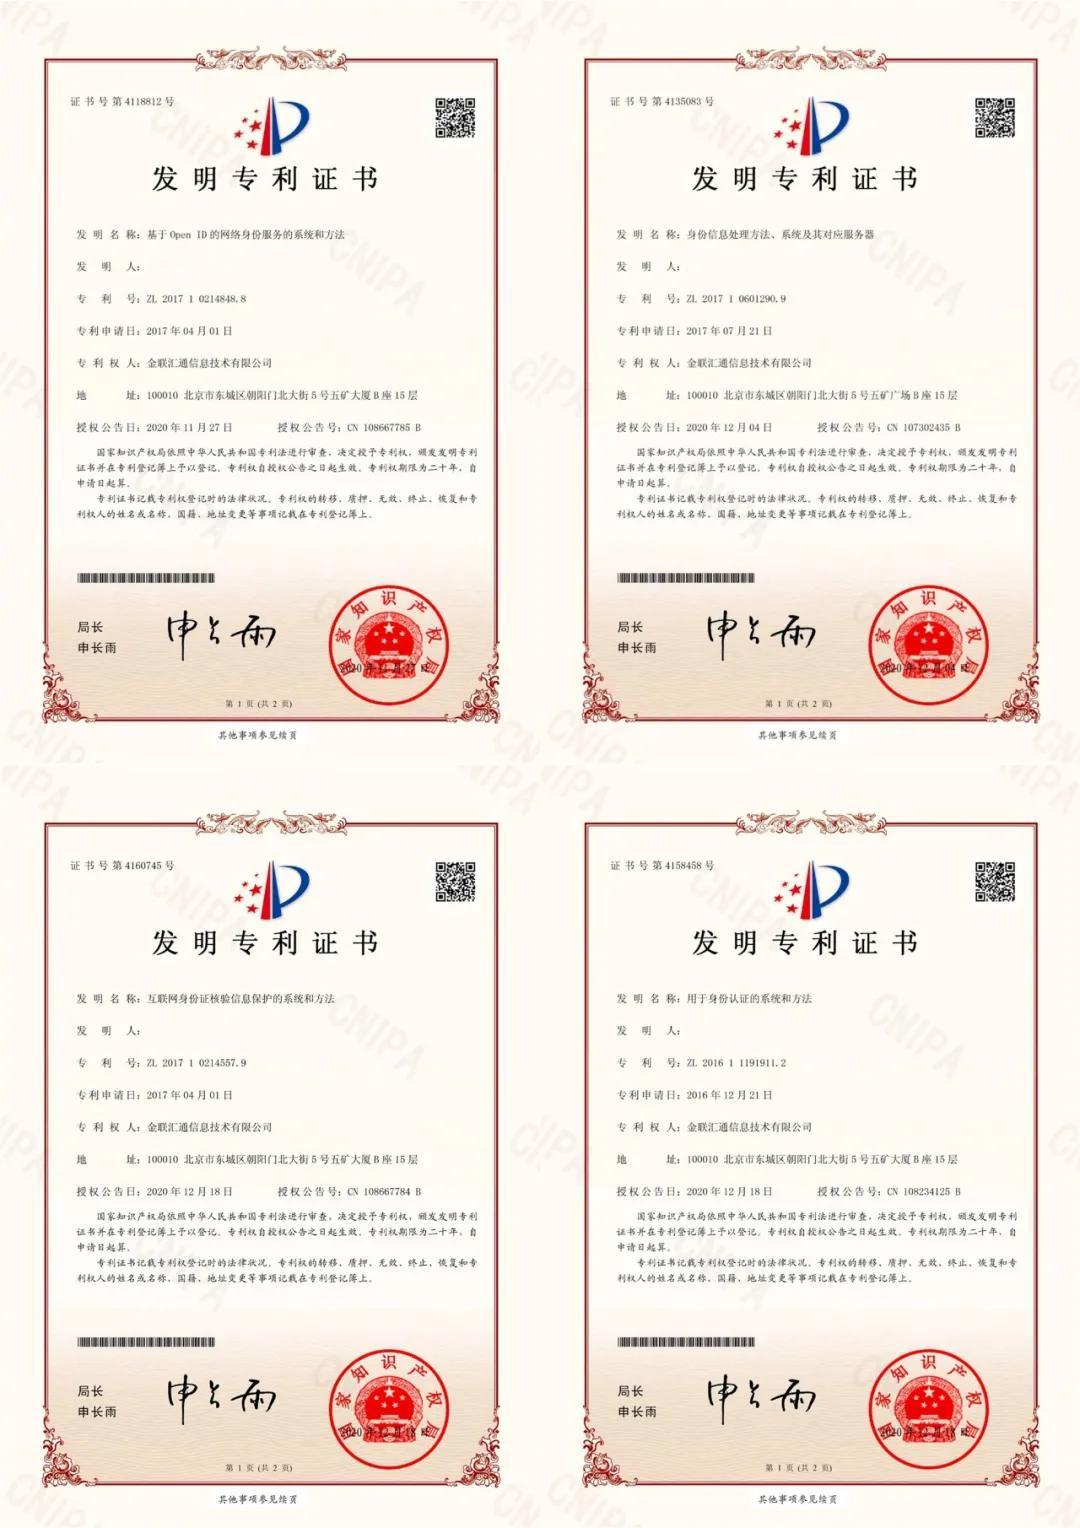 东方集团获得四项国家发明专利,金莲汇通继续加强创新